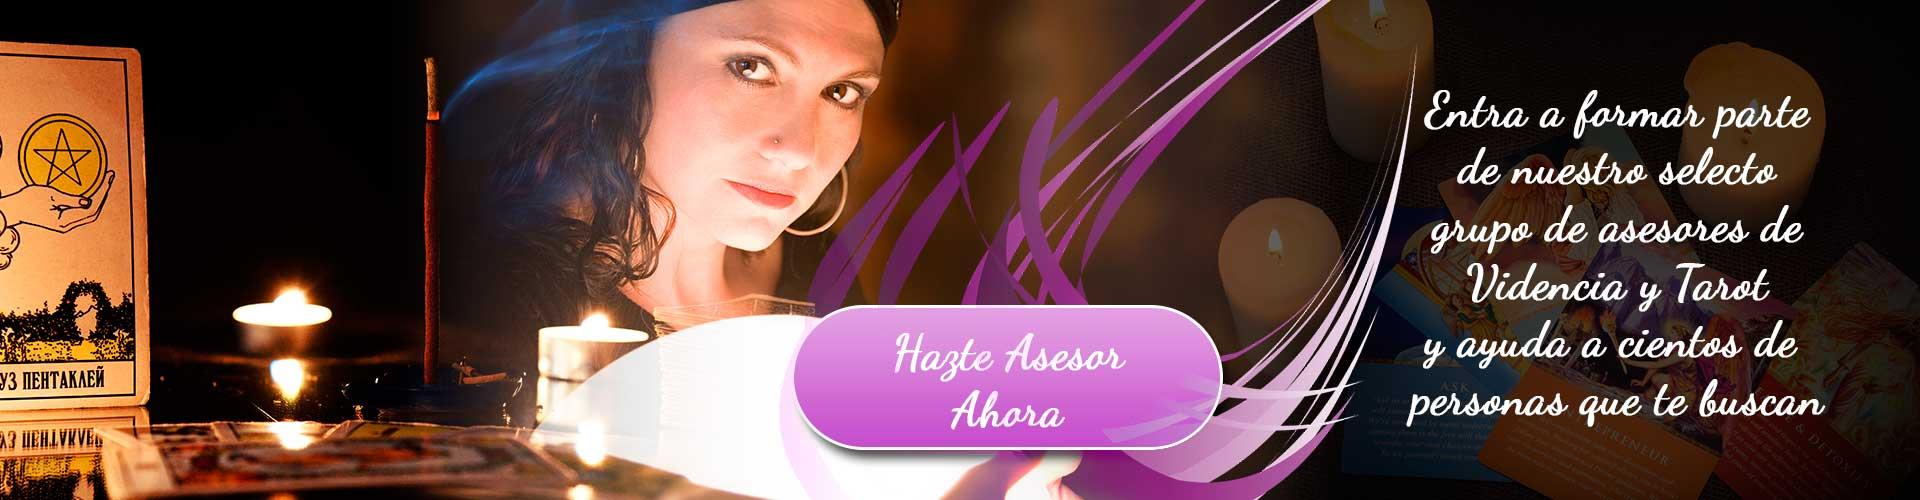 Chat esotérico: Chat hispano de esoterismo gratis por internet